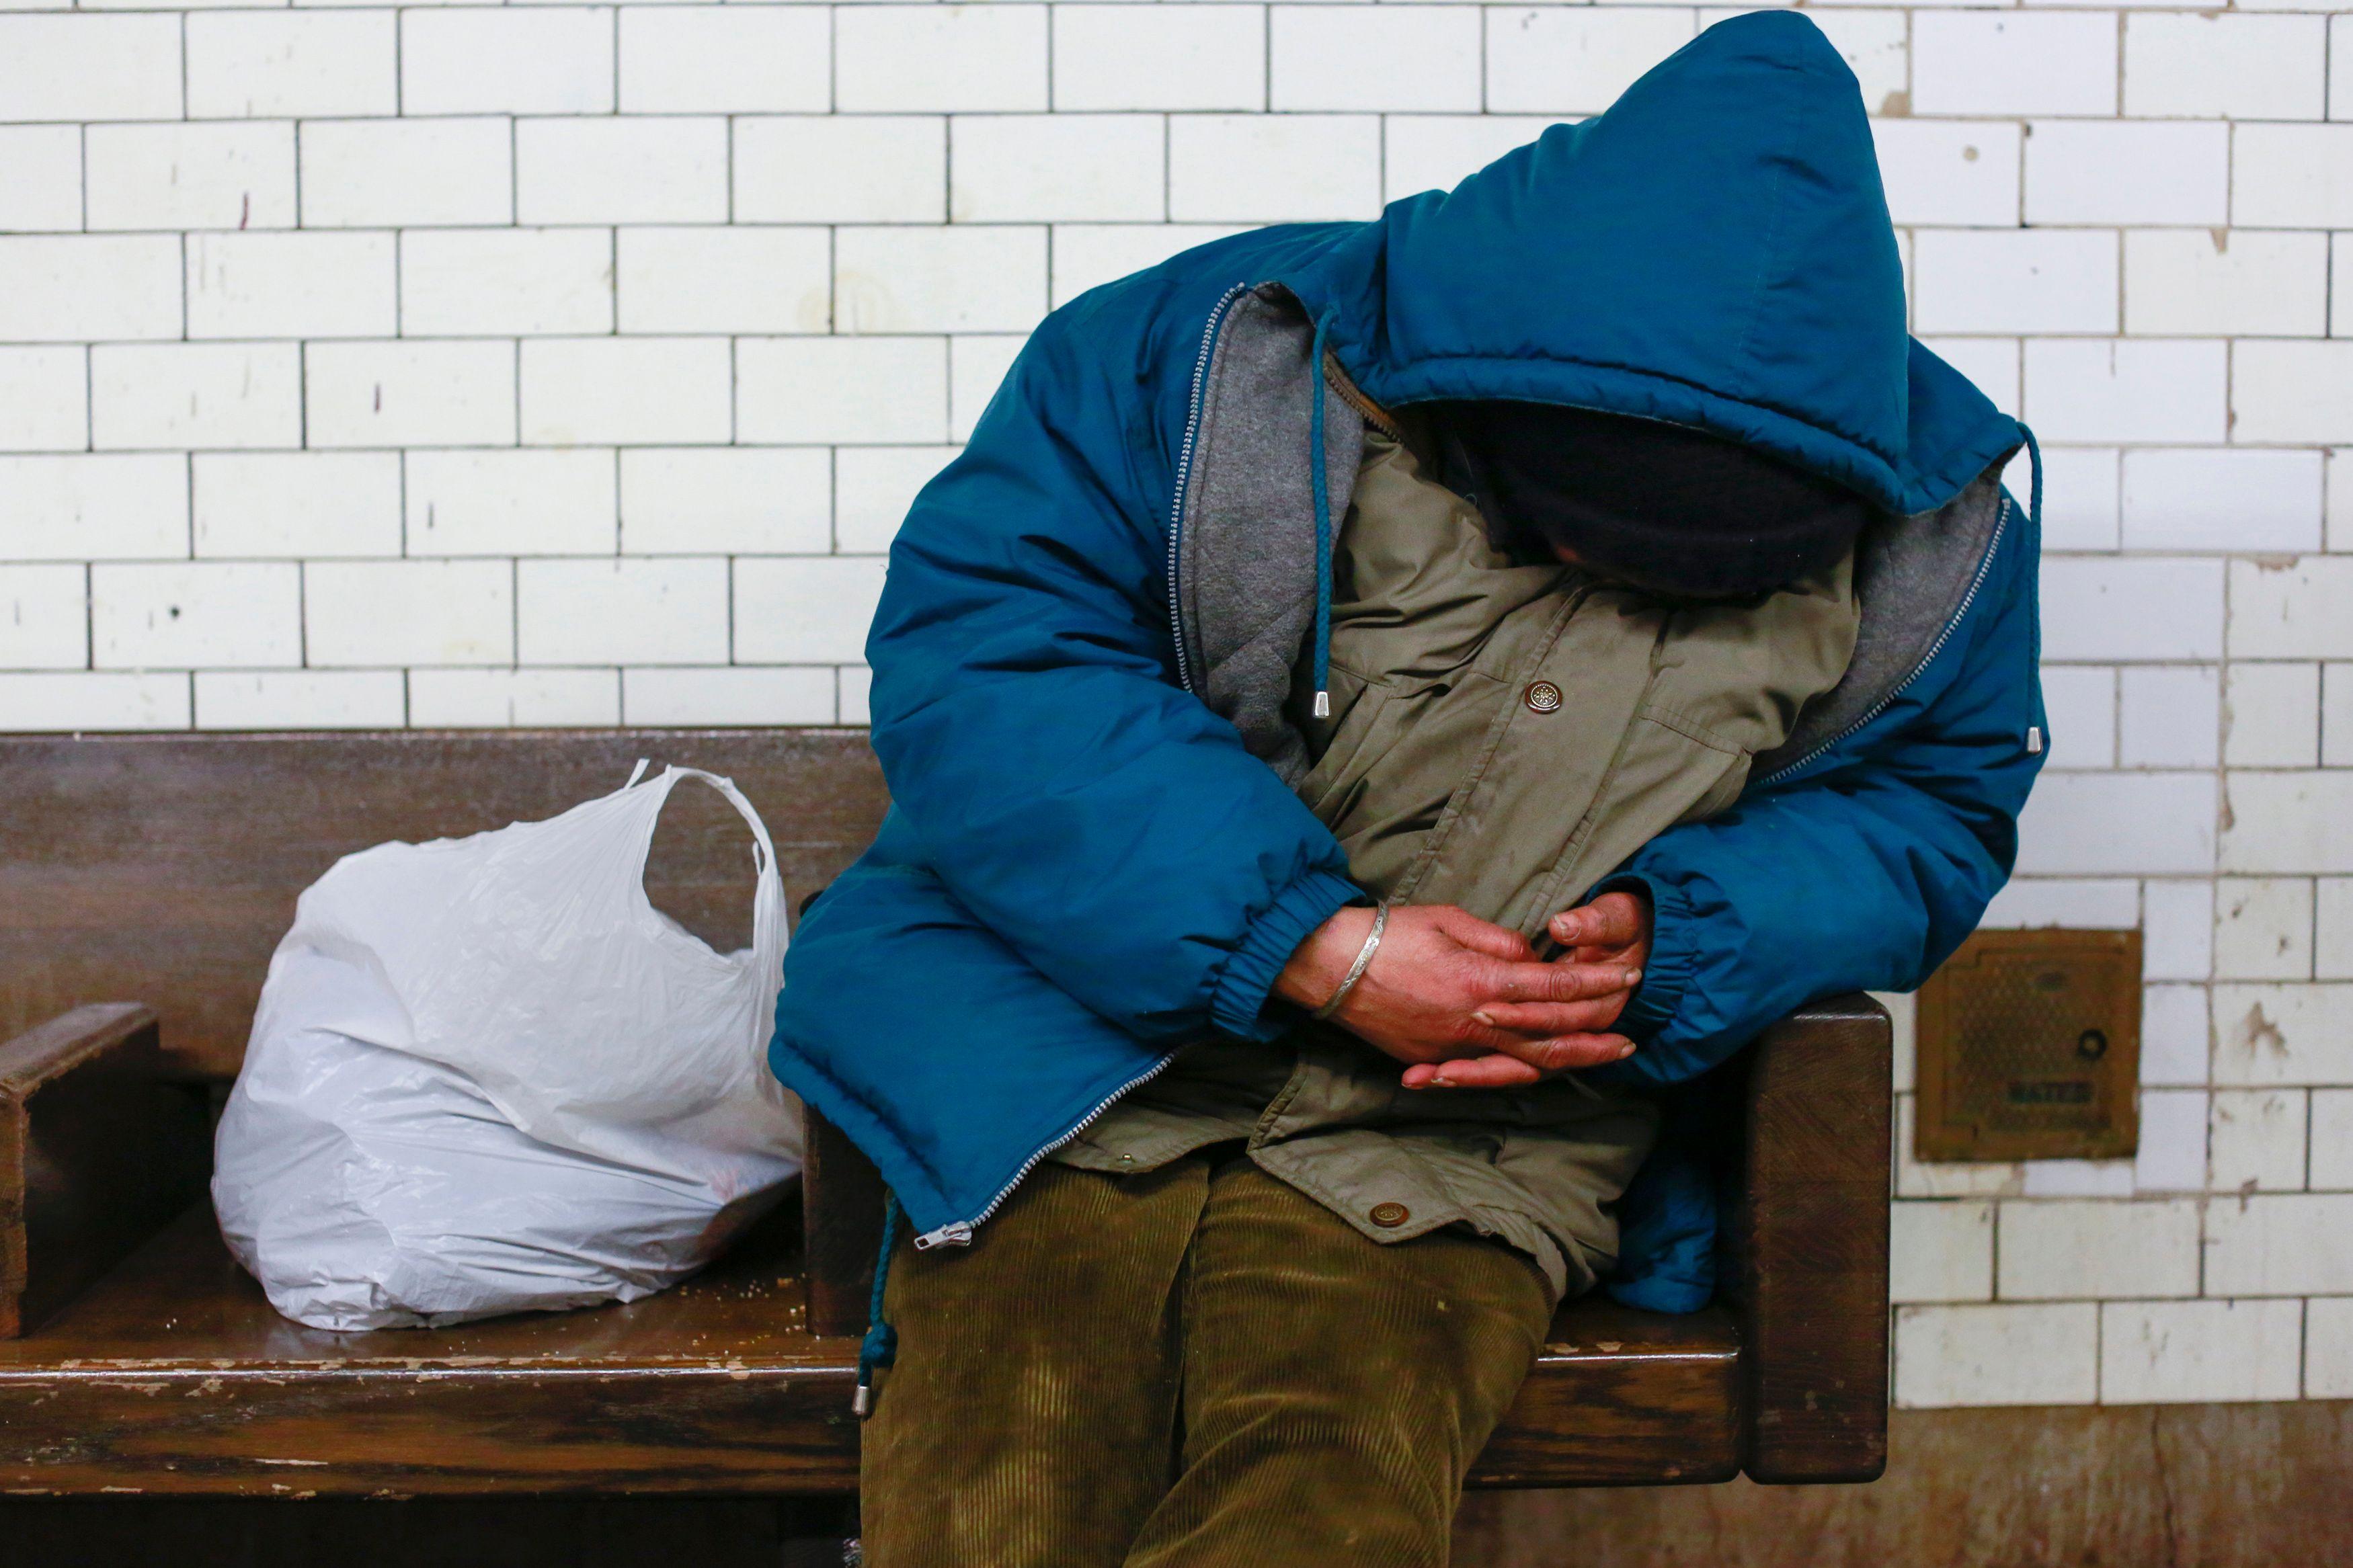 Le taux de pauvreté ne décroît pas depuis 2010